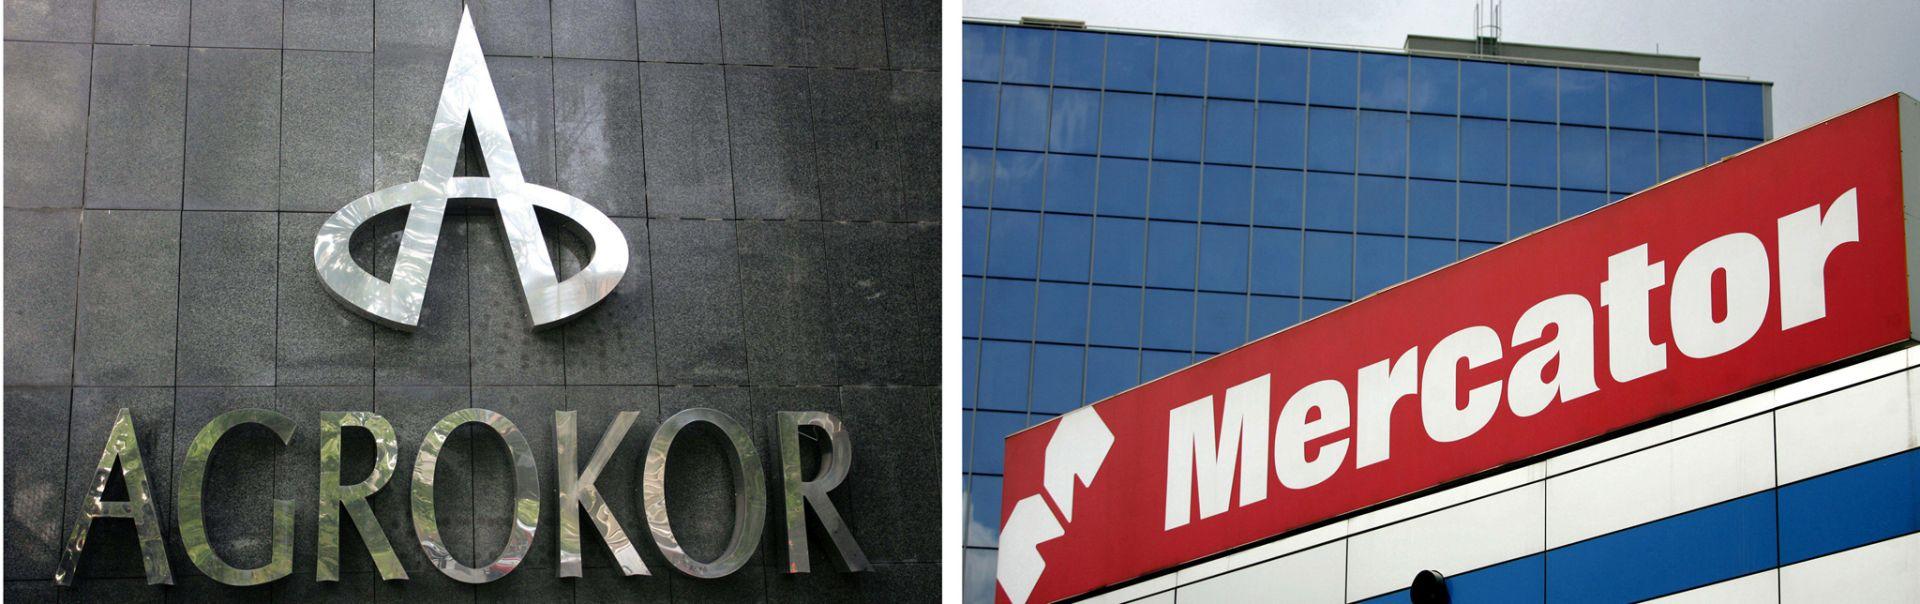 Slovenski parlamentarni odbor traži preispitivanje kupoprodajnog ugovora Agrokor-Mercator